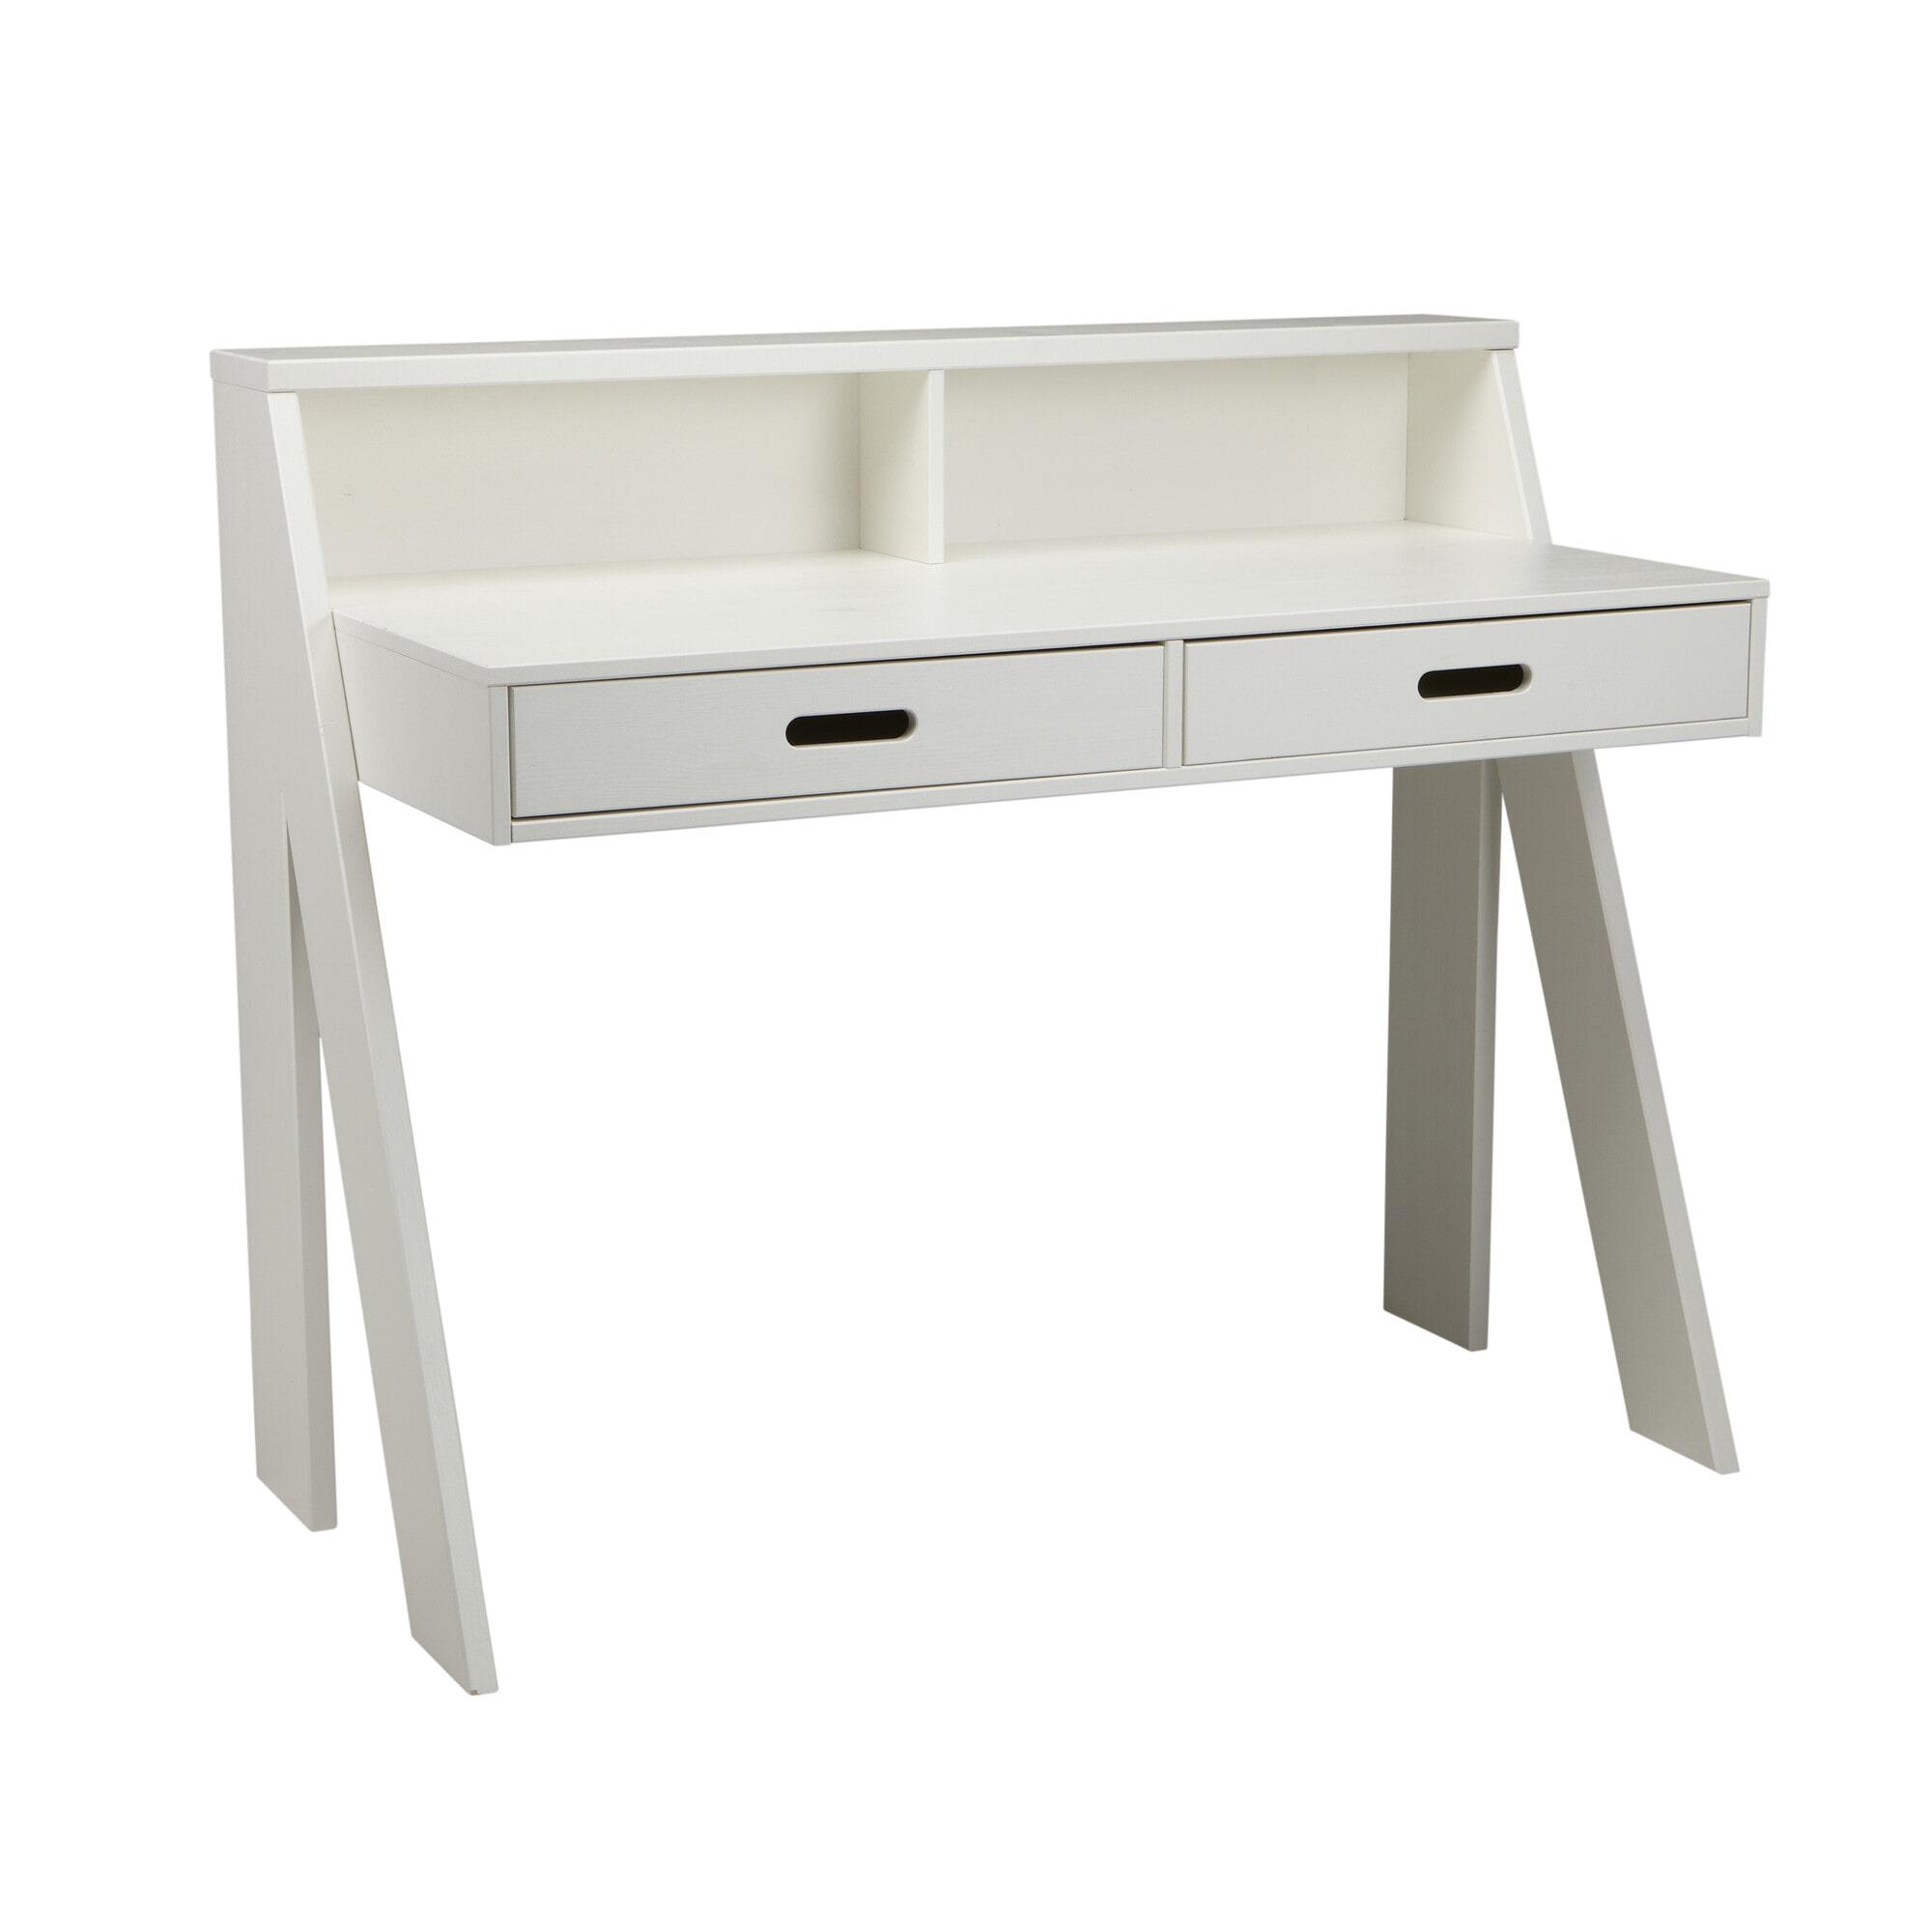 WOOOD Bureau 'Max', kleur wit Tafels | Bureaus vergelijken doe je het voordeligst hier bij Meubelpartner